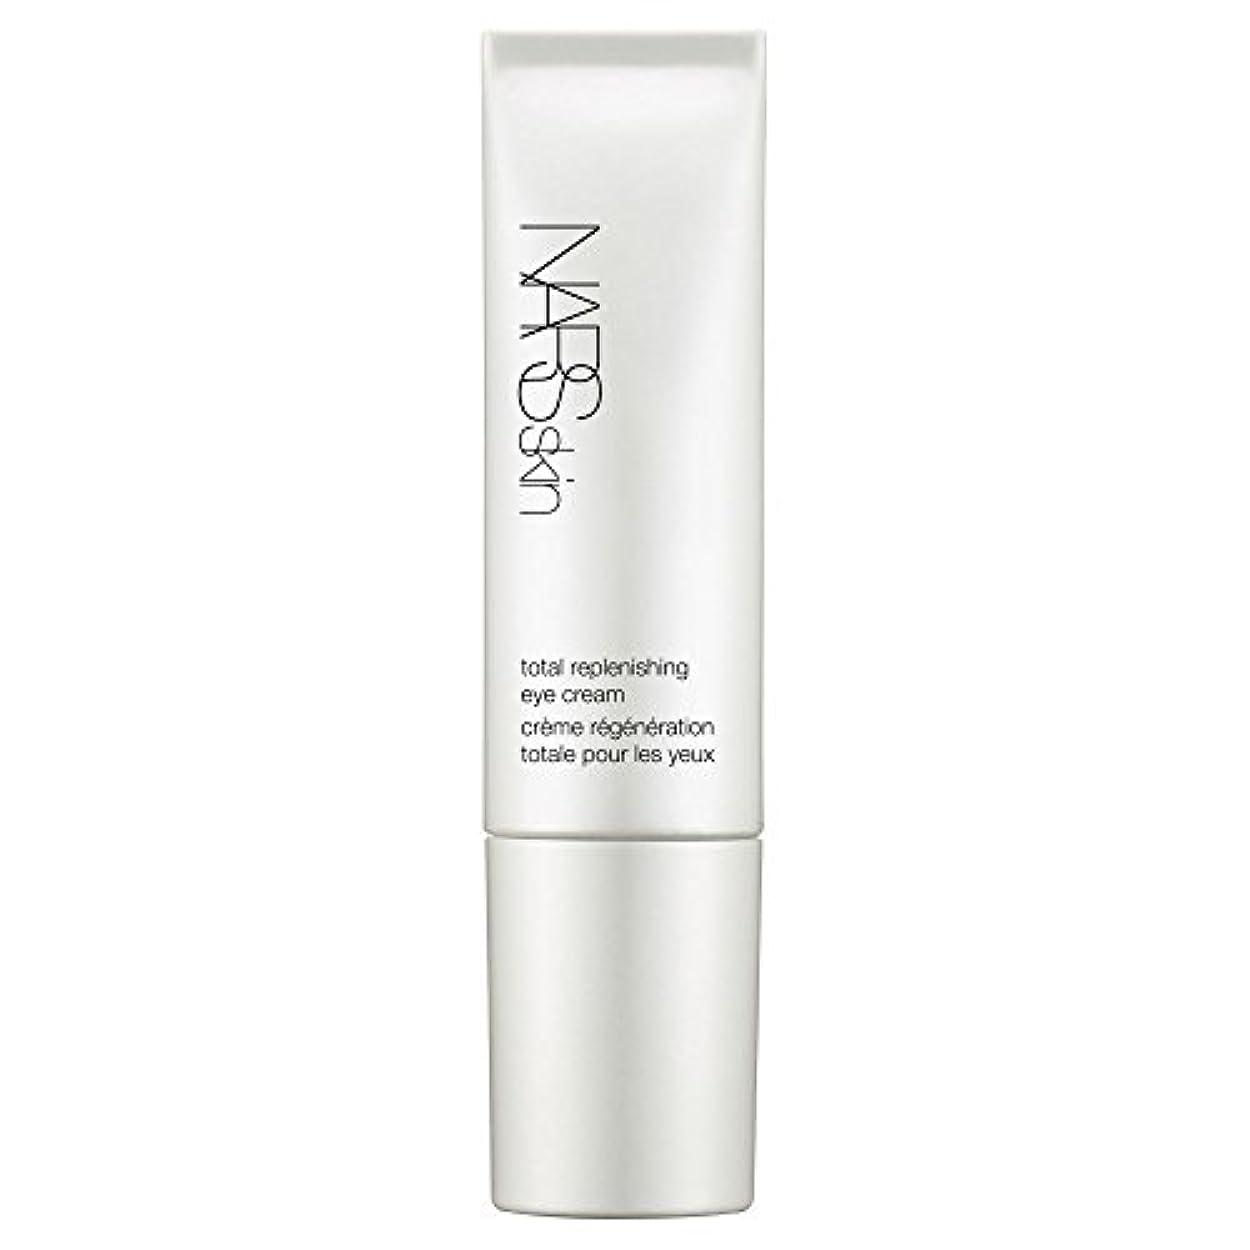 緯度データム浸した[NARS] Narsskin総補充アイクリーム15Ml - Narsskin Total Replenishing Eye Cream 15ml [並行輸入品]